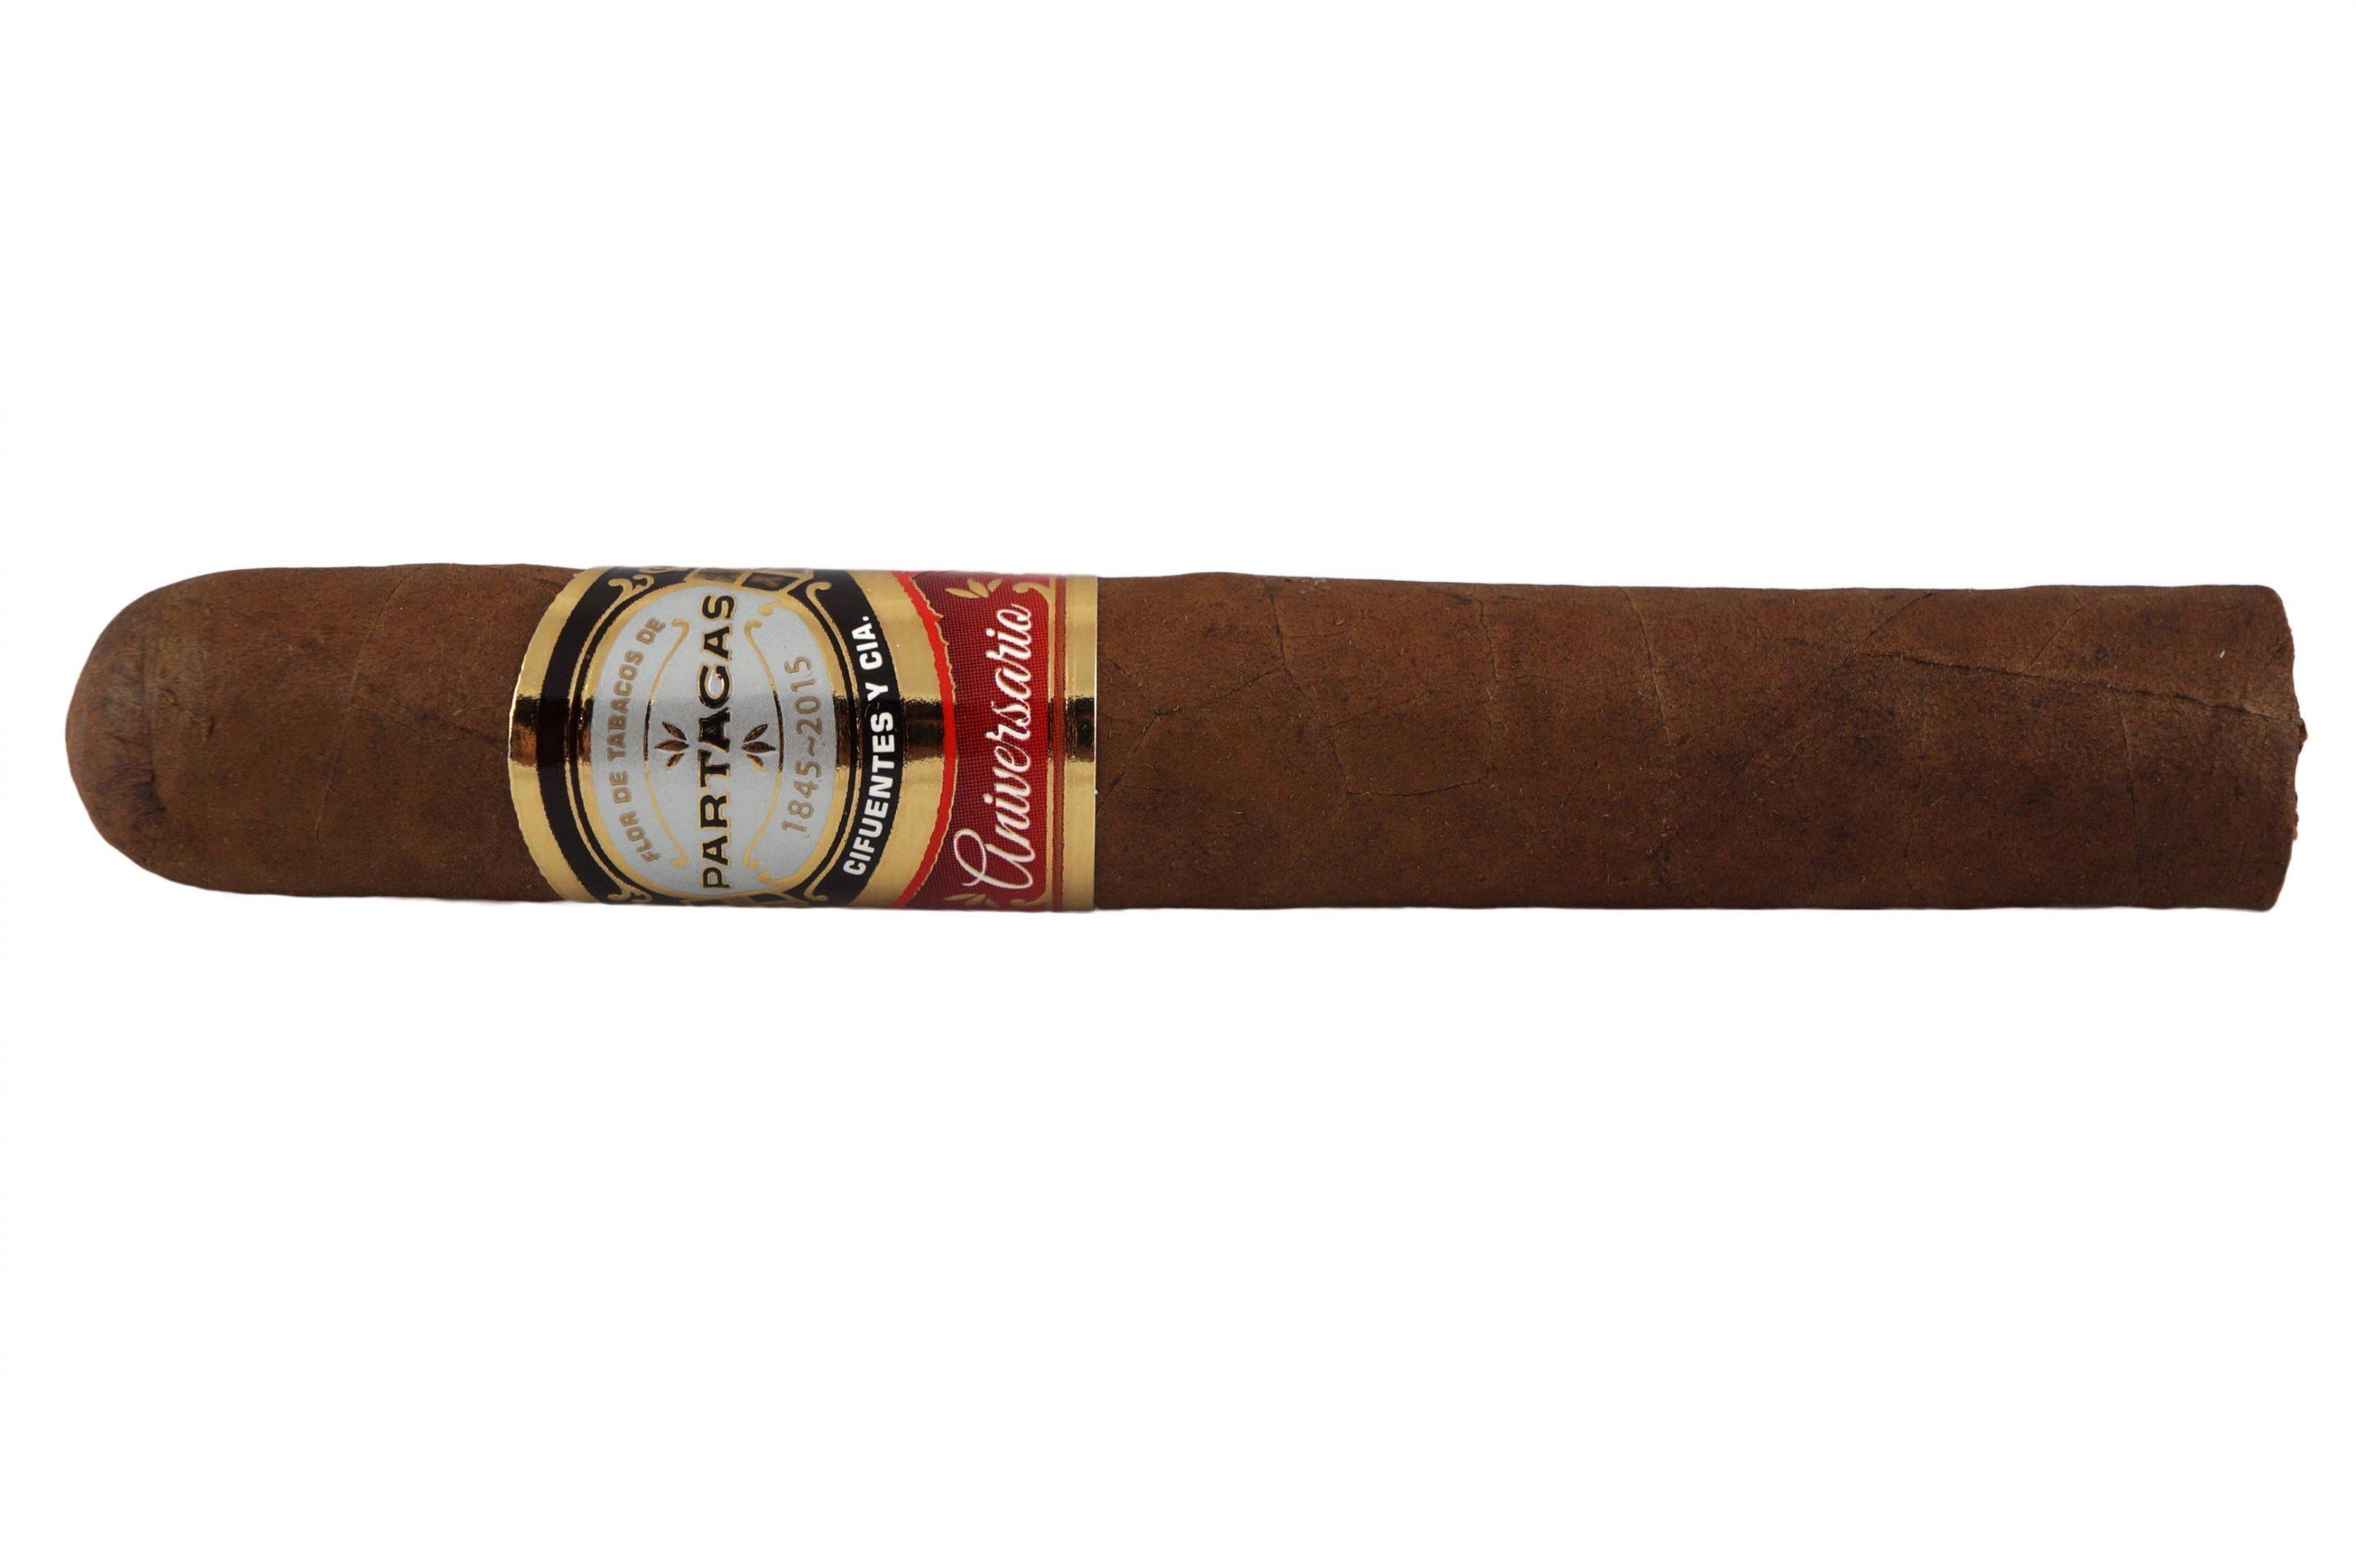 Blind Cigar Review: Partagas | Aniversario Robusto (Pre-release)